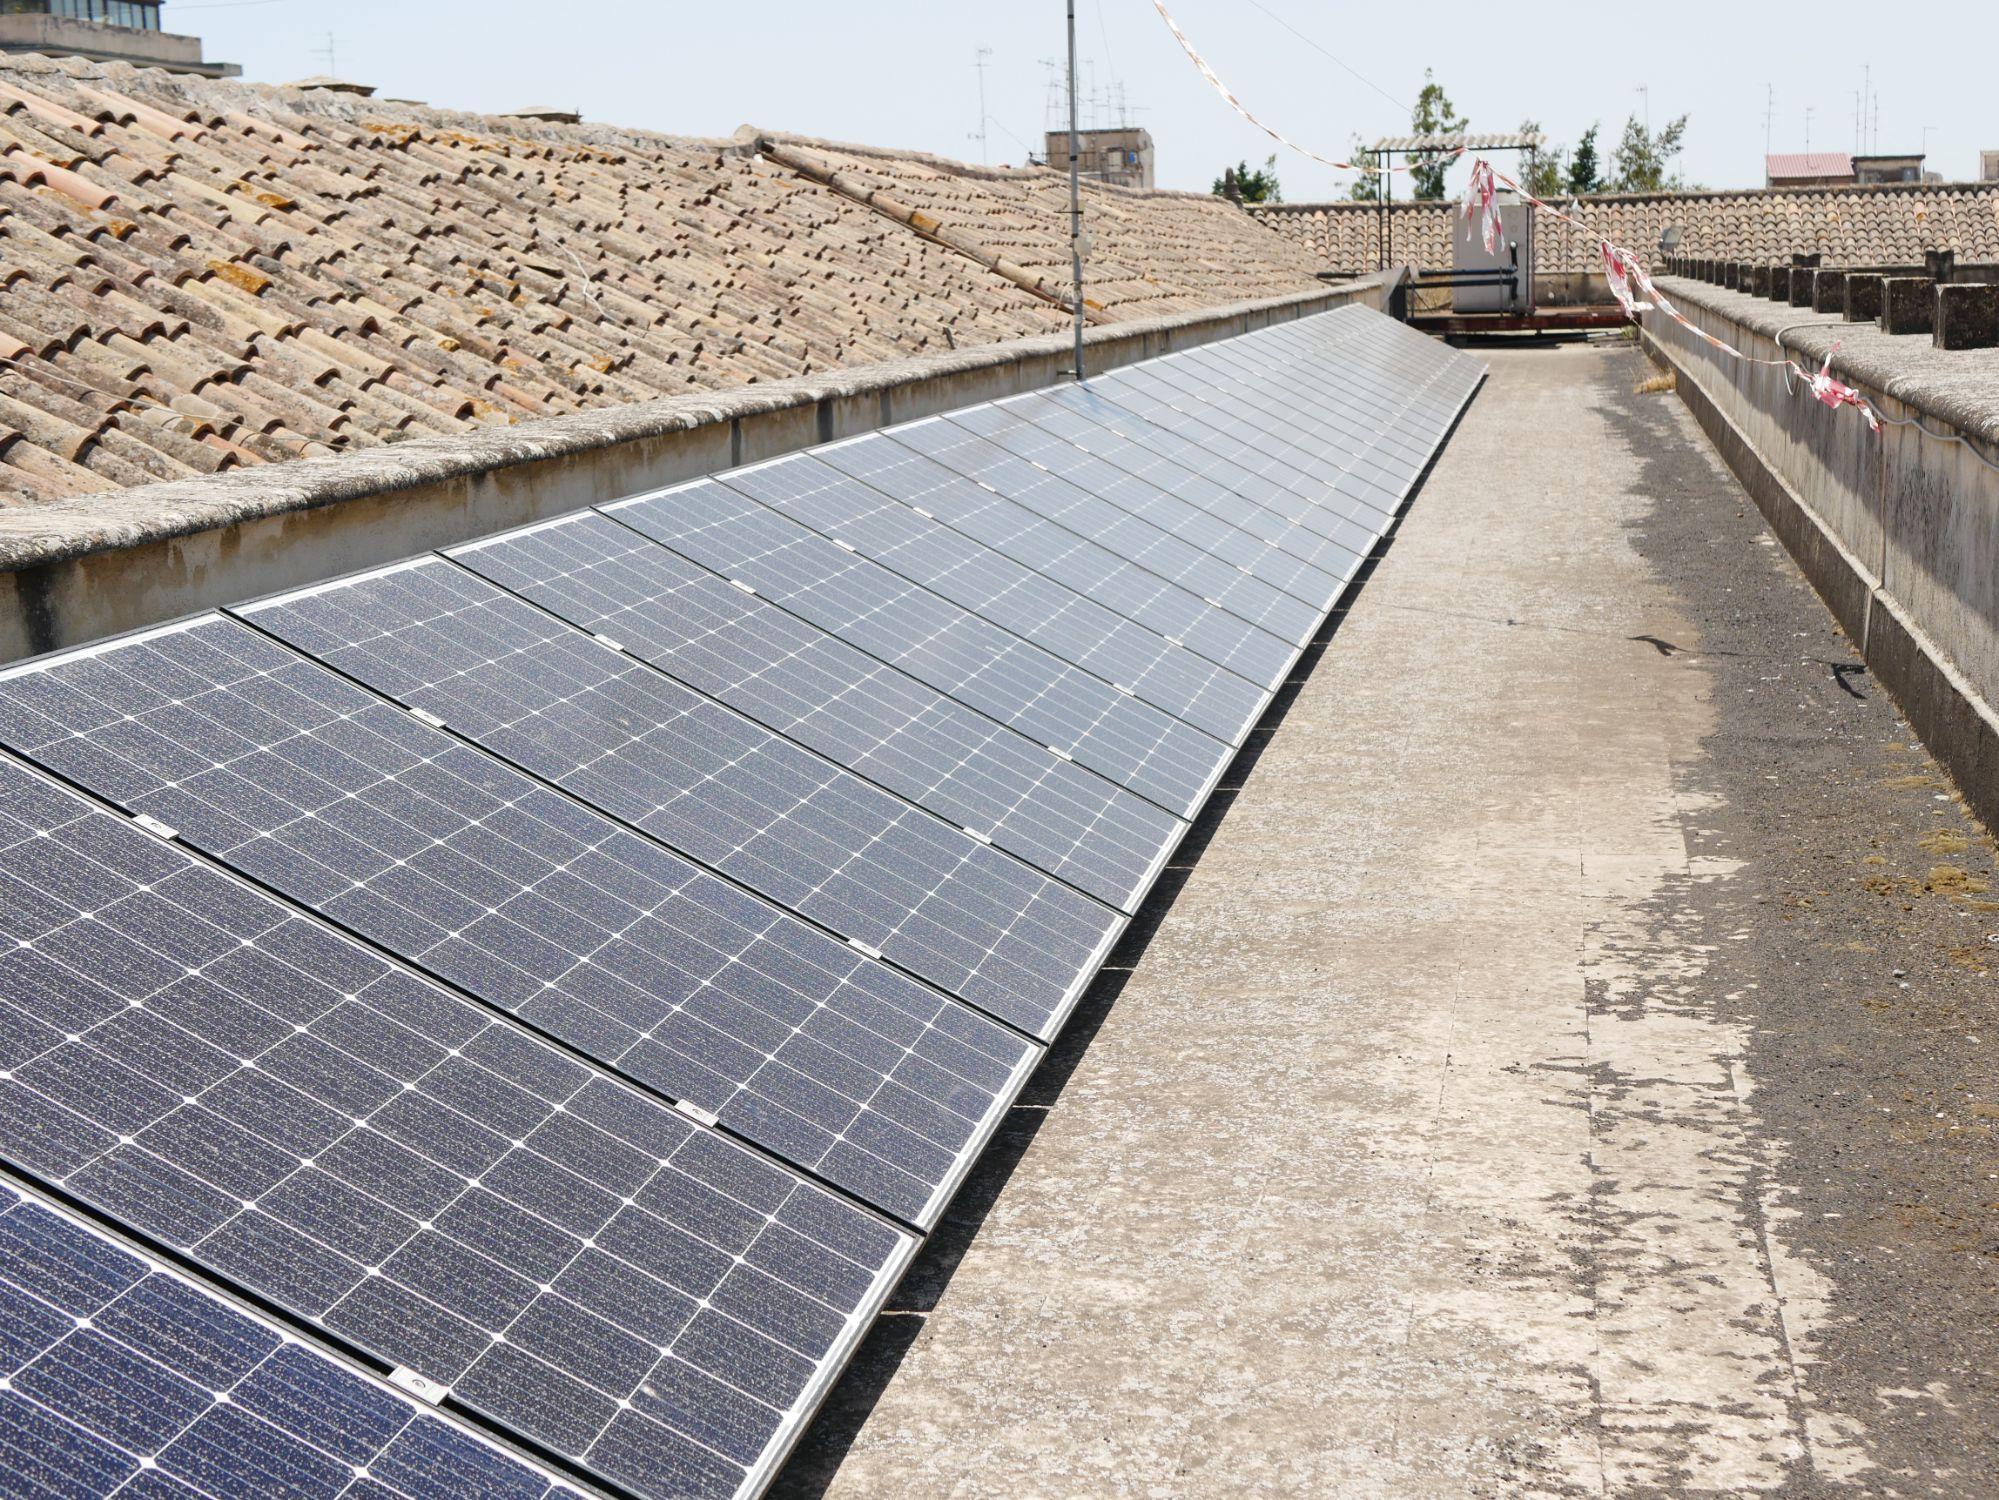 Un parco fotovoltaico rende autonomo l'Ardizzone Gioeni di Catania